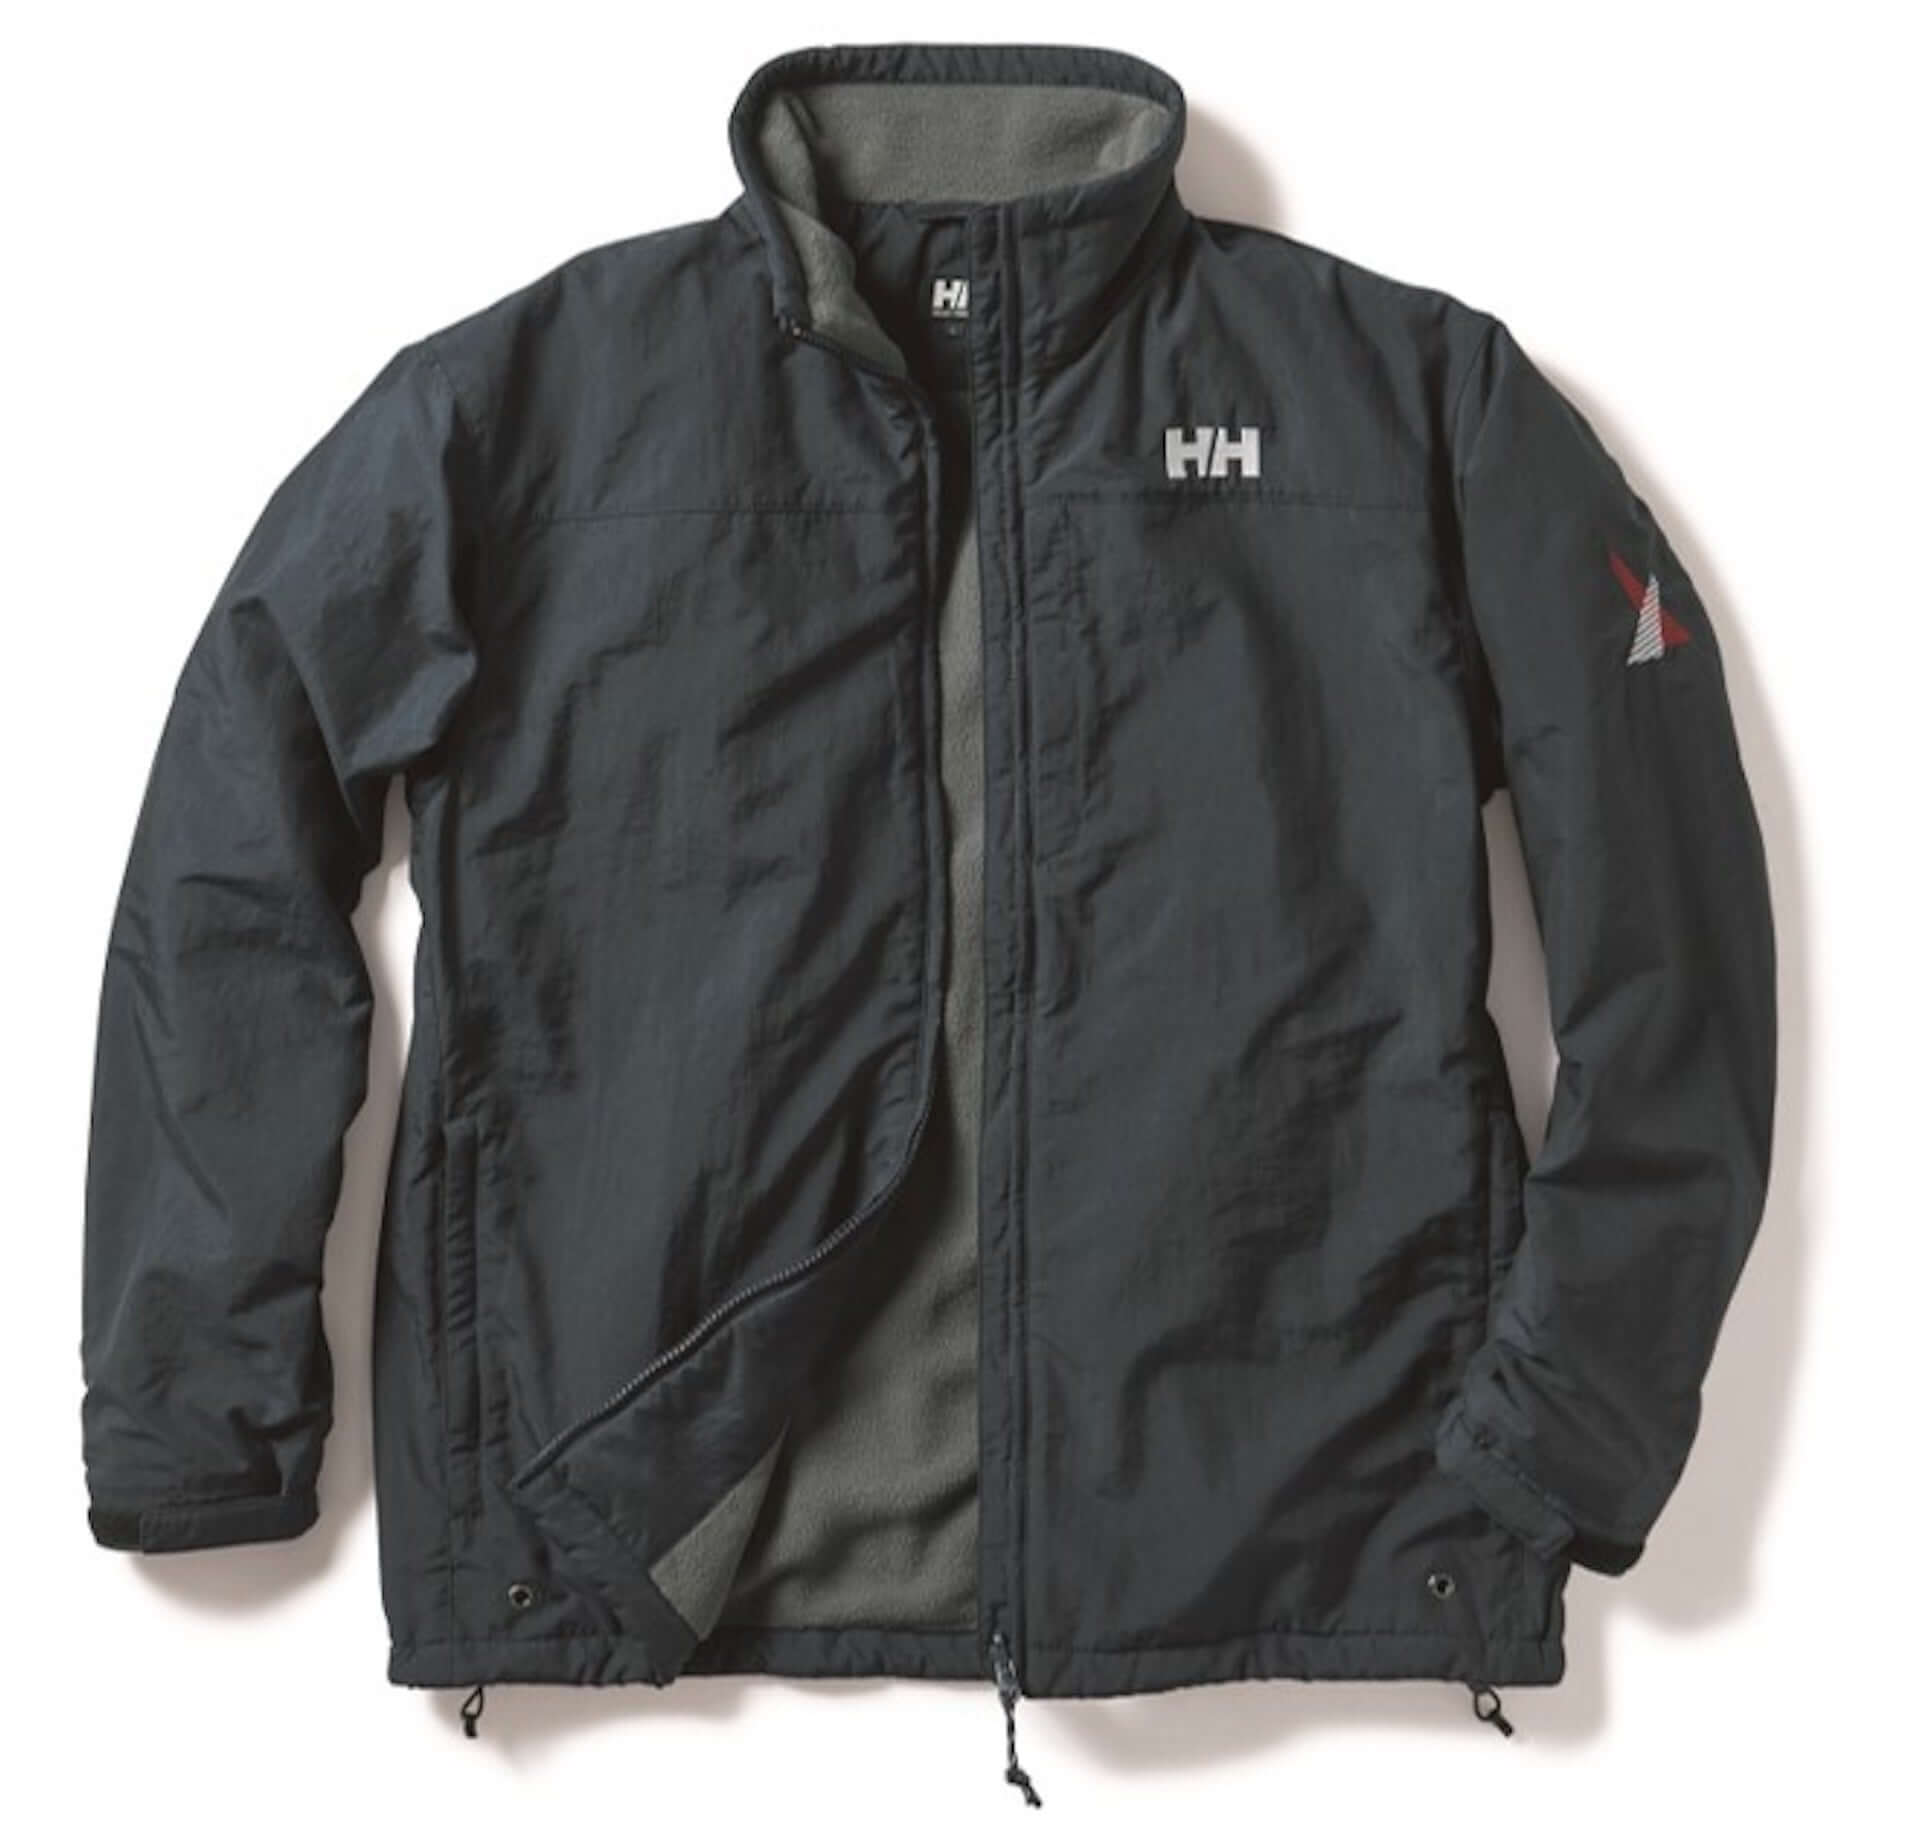 ヘリーハンセン×ライトアップショッピングクラブの別注アイテムが発売!3WAYジャケットや総裏フリースのパンツなどが登場 lf201029_helly-hansen_17-1920x1833